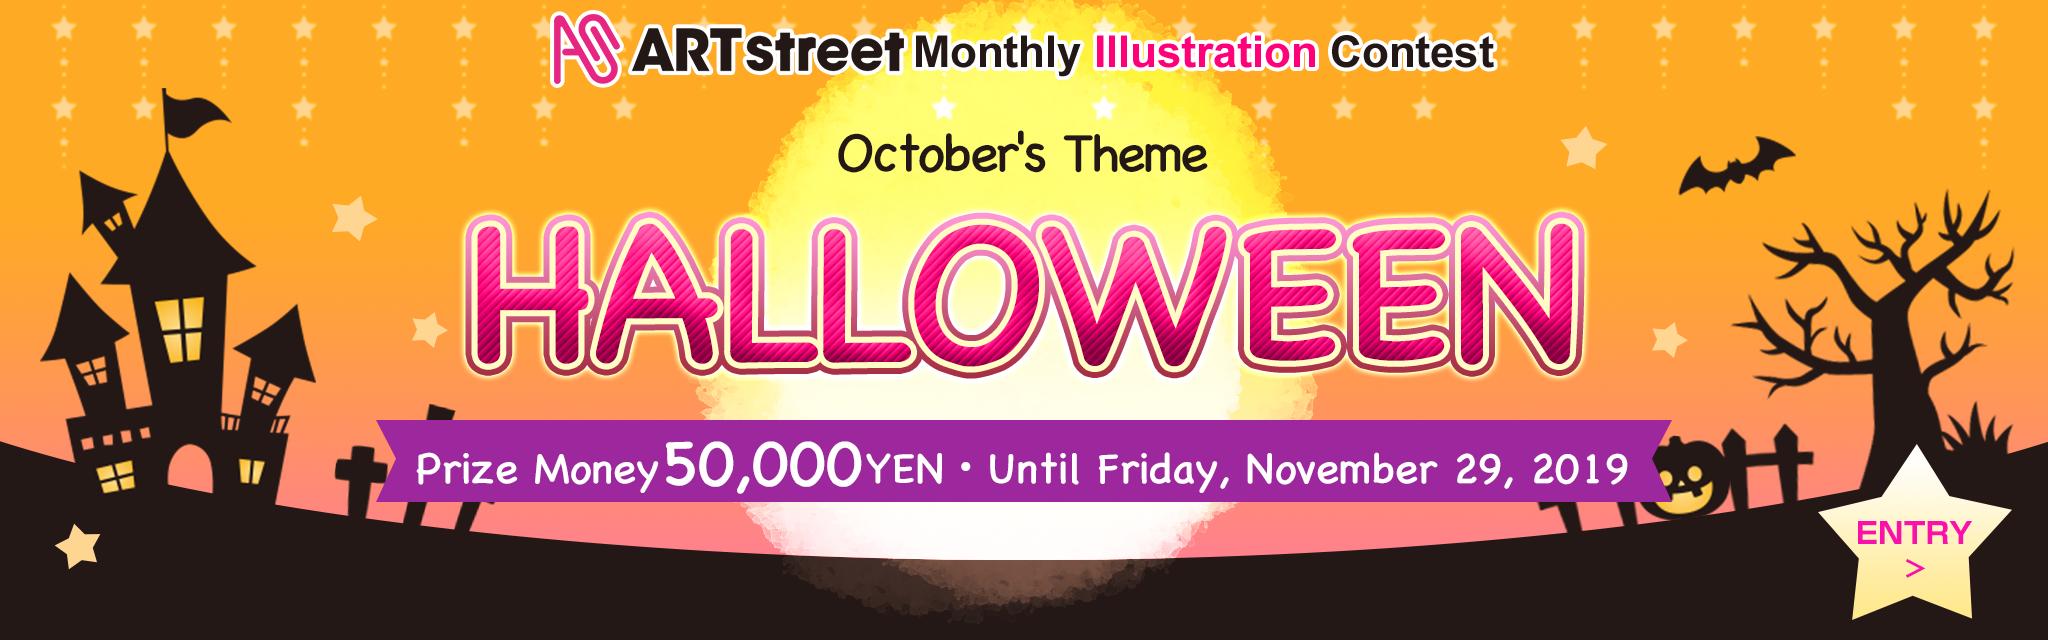 ART street Monthly Illustration Contest October's Theme: Halloween start!